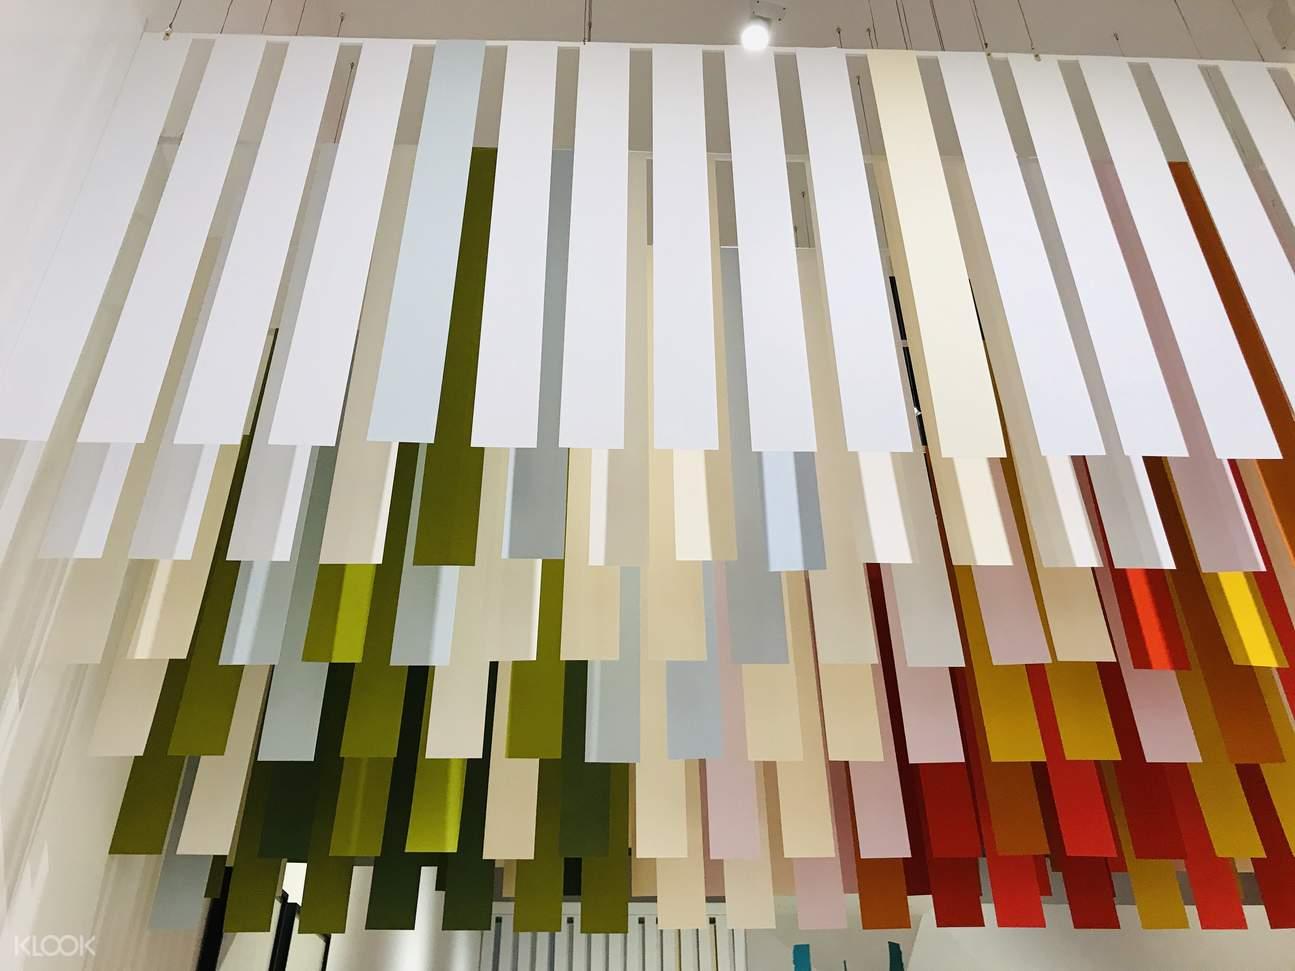 摺疊不只運用在紙藝,它是將物體從平面帶到空間的技巧,是各領域设計師重要的靈感來源。